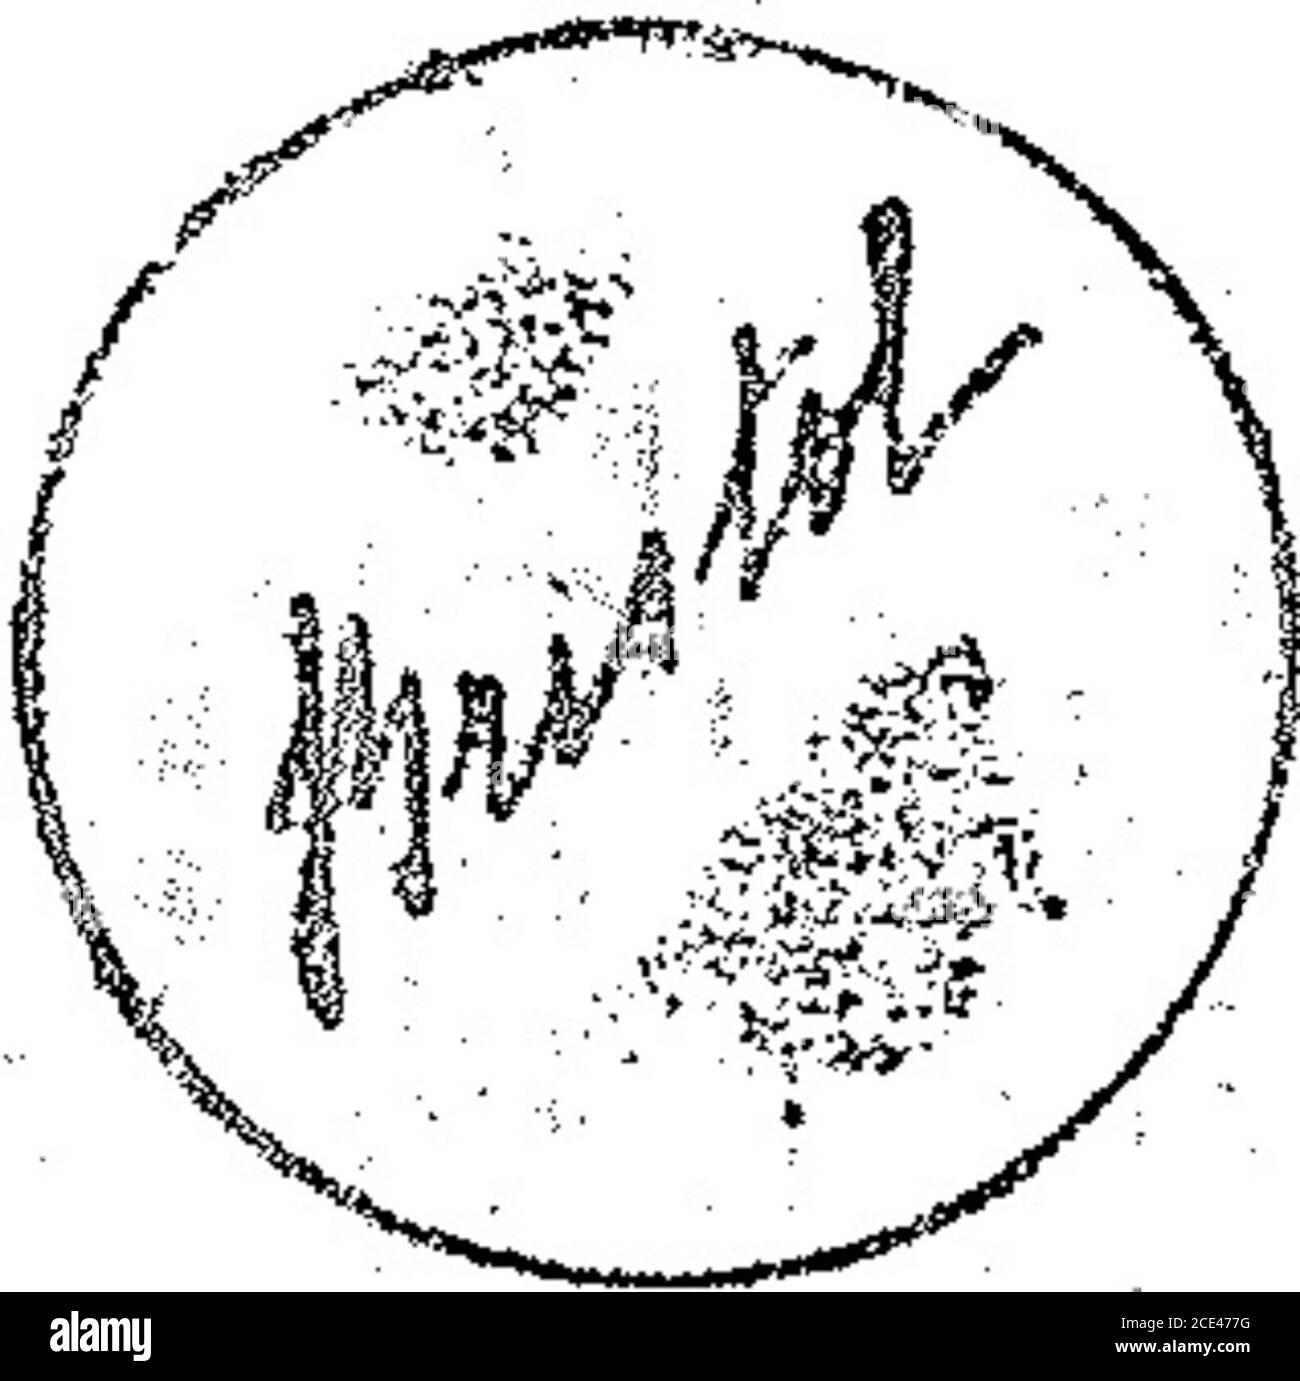 . Boletín Oficial de la República Argentina. 1919 1ra sección . s^* m 8» i OÍA ??;.•? A; r- lí n #& f^nun SU m !l tíhñññññkMñ p) ffínrñh^ _$í0L>,f le 101A — Miealáás as y aparatos para Koeb ?tía c. «•as ciases pírricf de las mis mas. acci, filtrat. Máquinas, aparatos o tmpícmapicultura, piscicultura, lechería vitivinide laclase 5~. Avho N° 8430. ACTA K° 70501 altor VCAIpmann. —- Para dis-- de industrias, no comprendidas::so;ios y complementos paraen tas de agritura, avien] tu-mlínra y seligortura, ípnc-JA2L octubre v-25 octubre ?*%?; Oetubrrt-iculos til; 15. Ta vertía. ~ Para -disSirign Banque D'Images